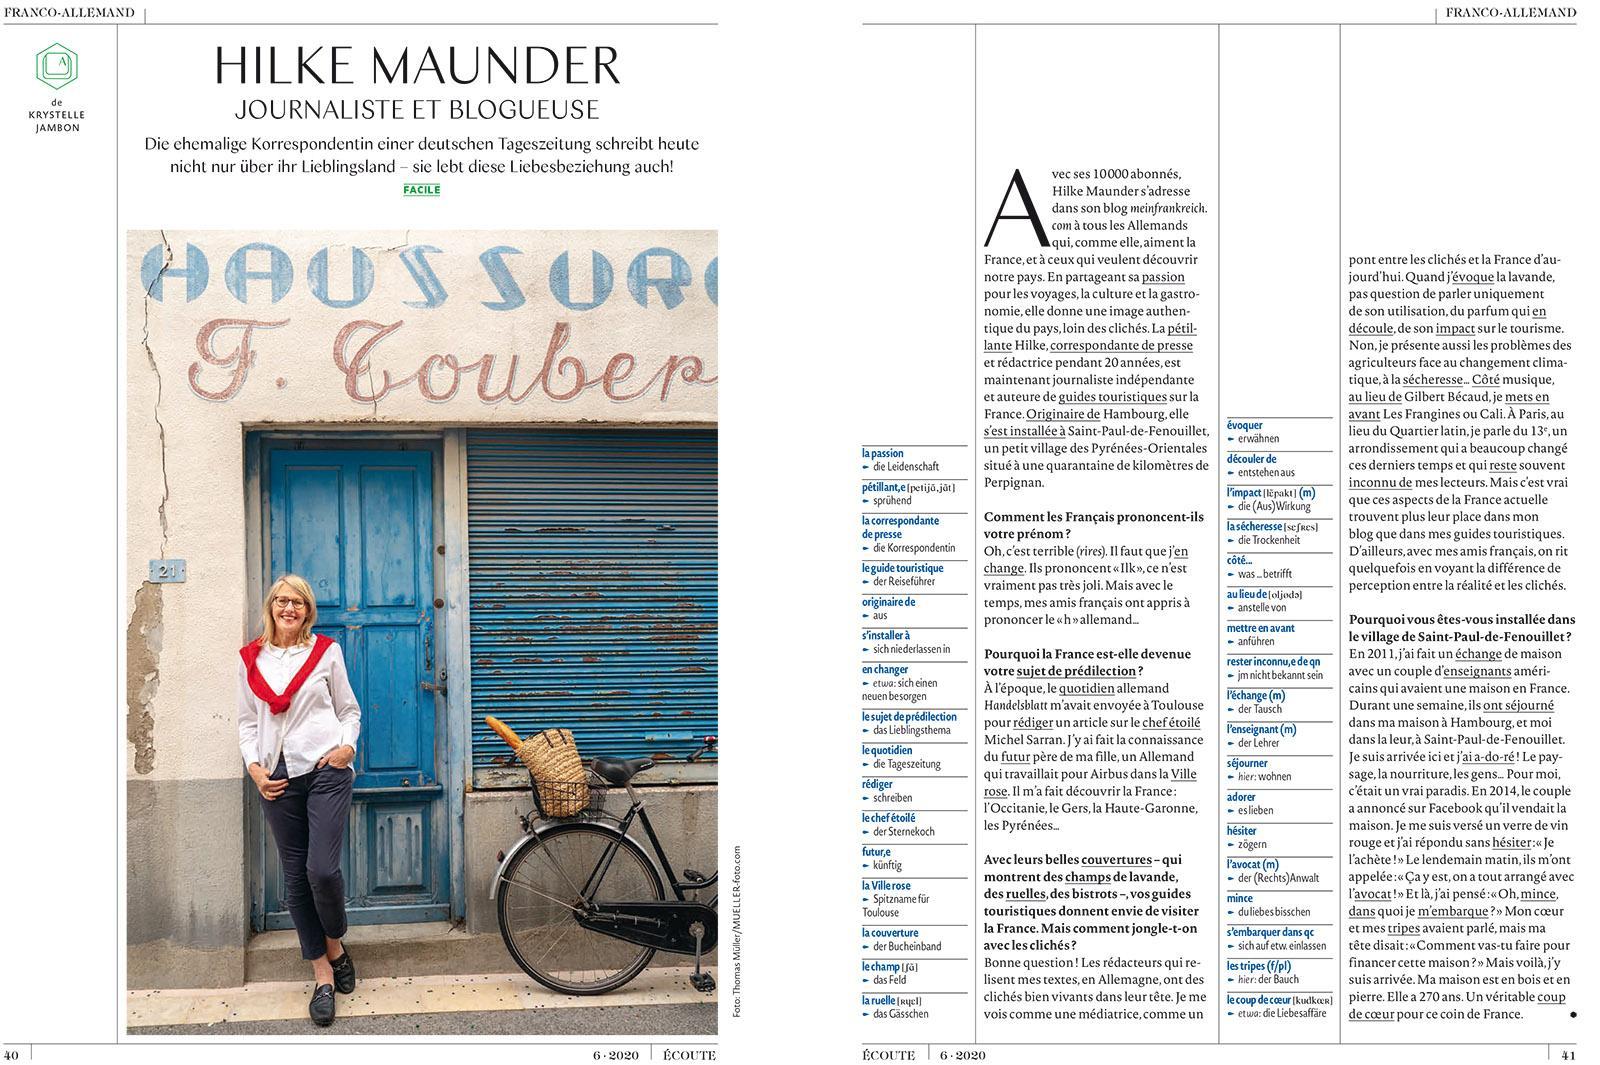 Hilke Maunder im Sprachmagazin écoute Heft 6/2020